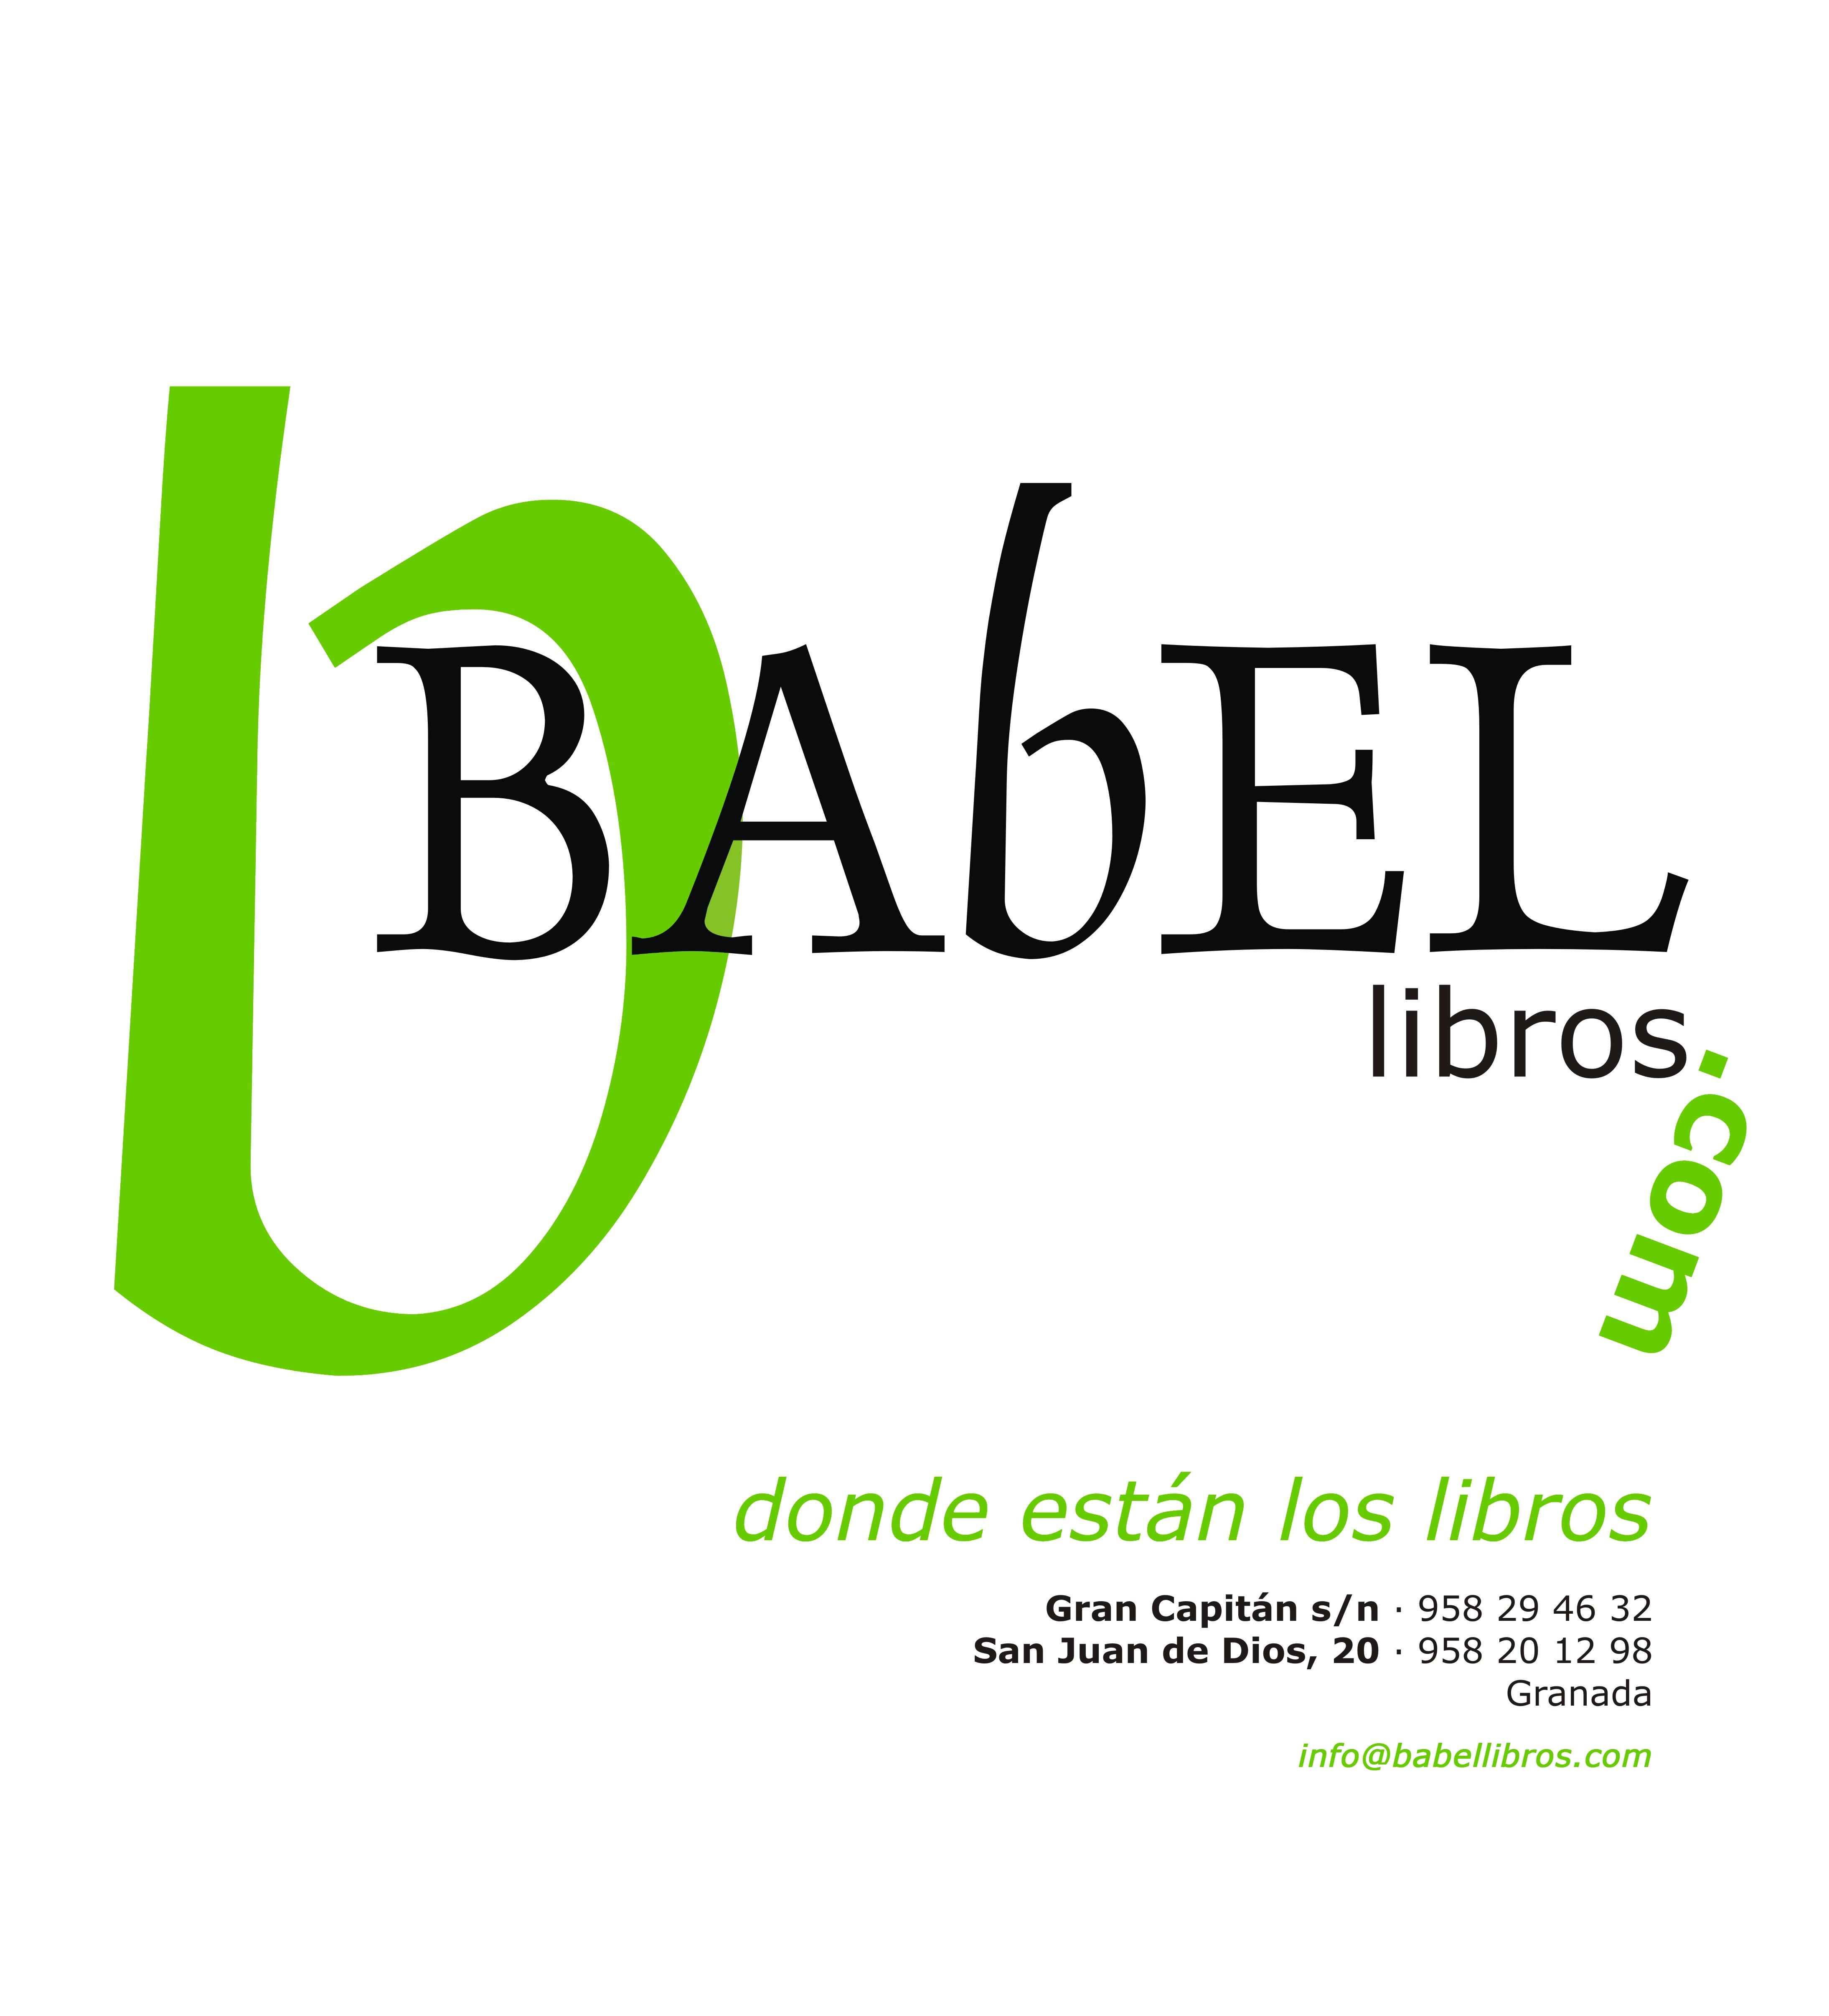 Libreria babel